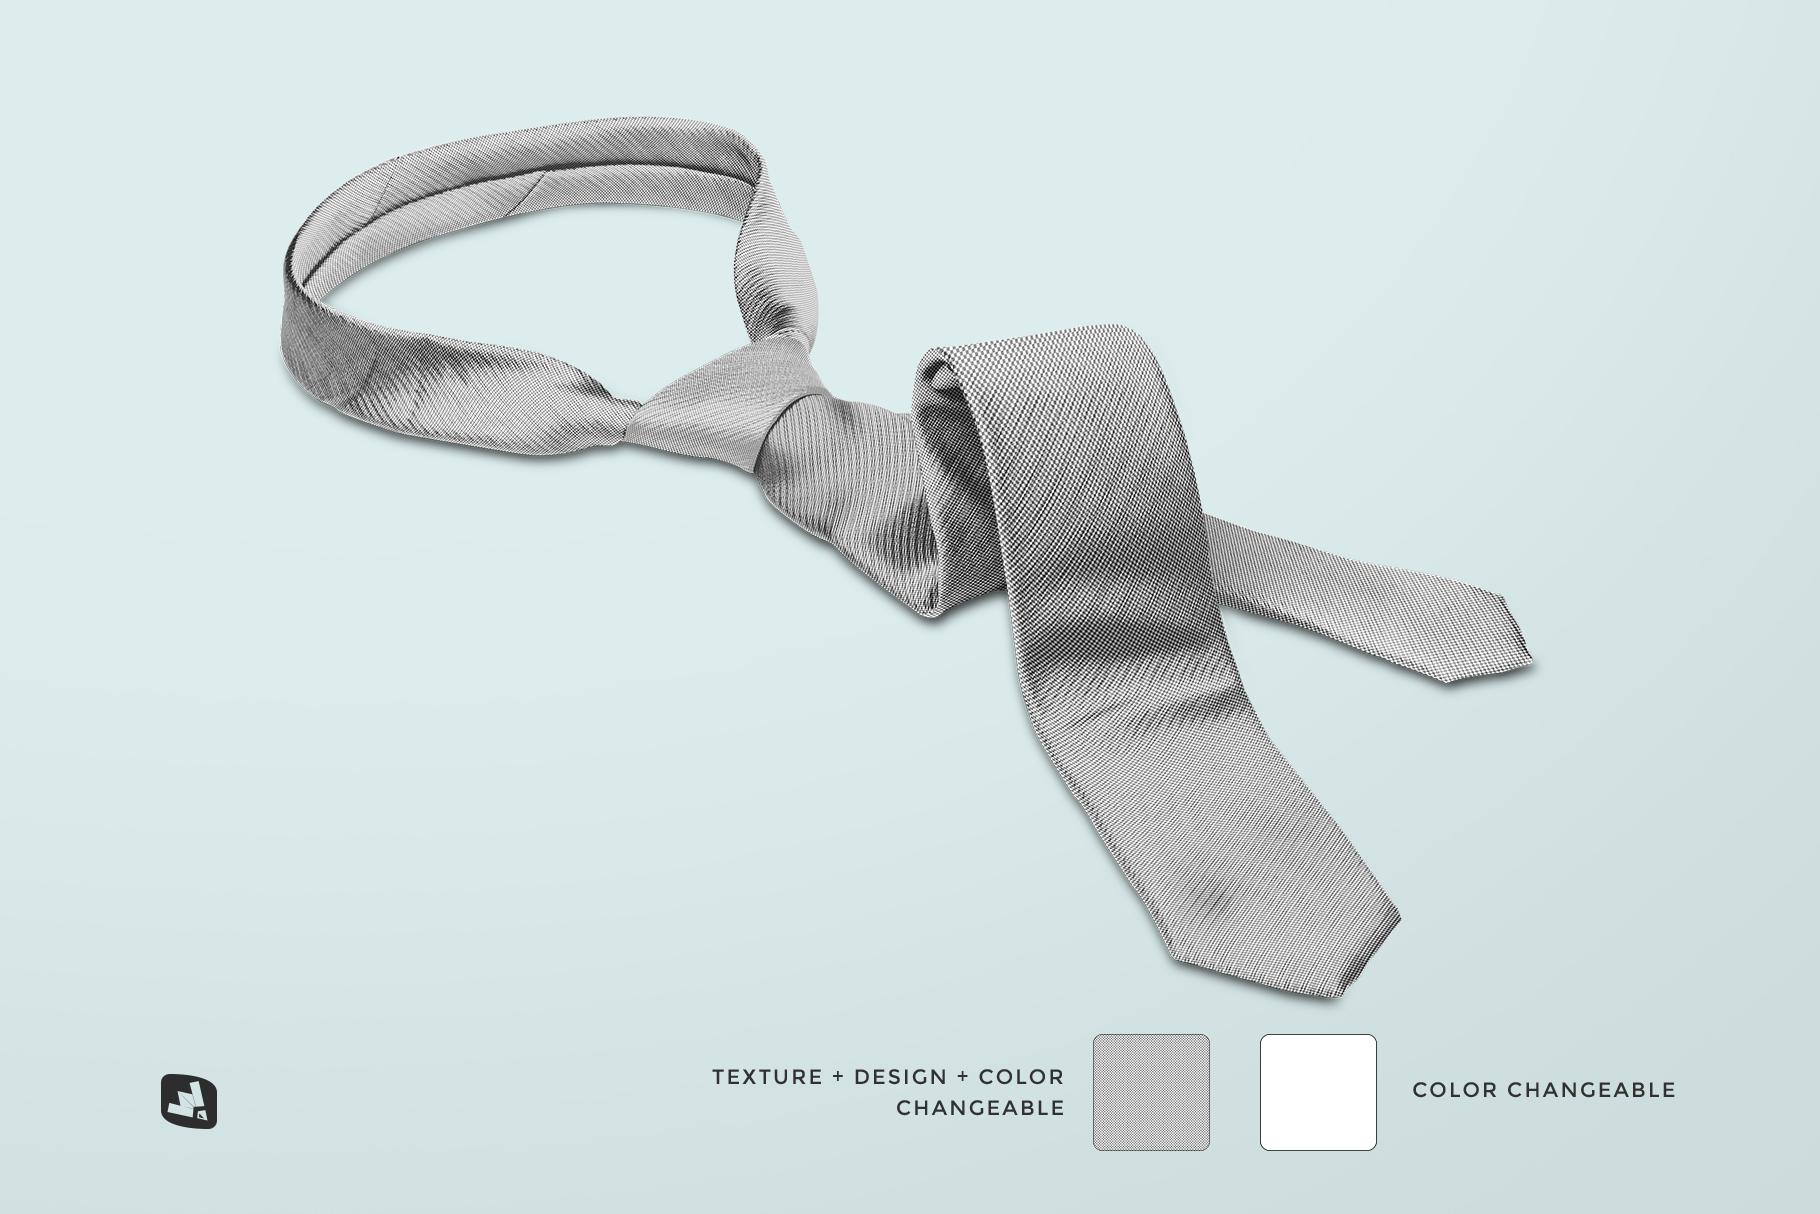 editability of the men's formal tie mockup